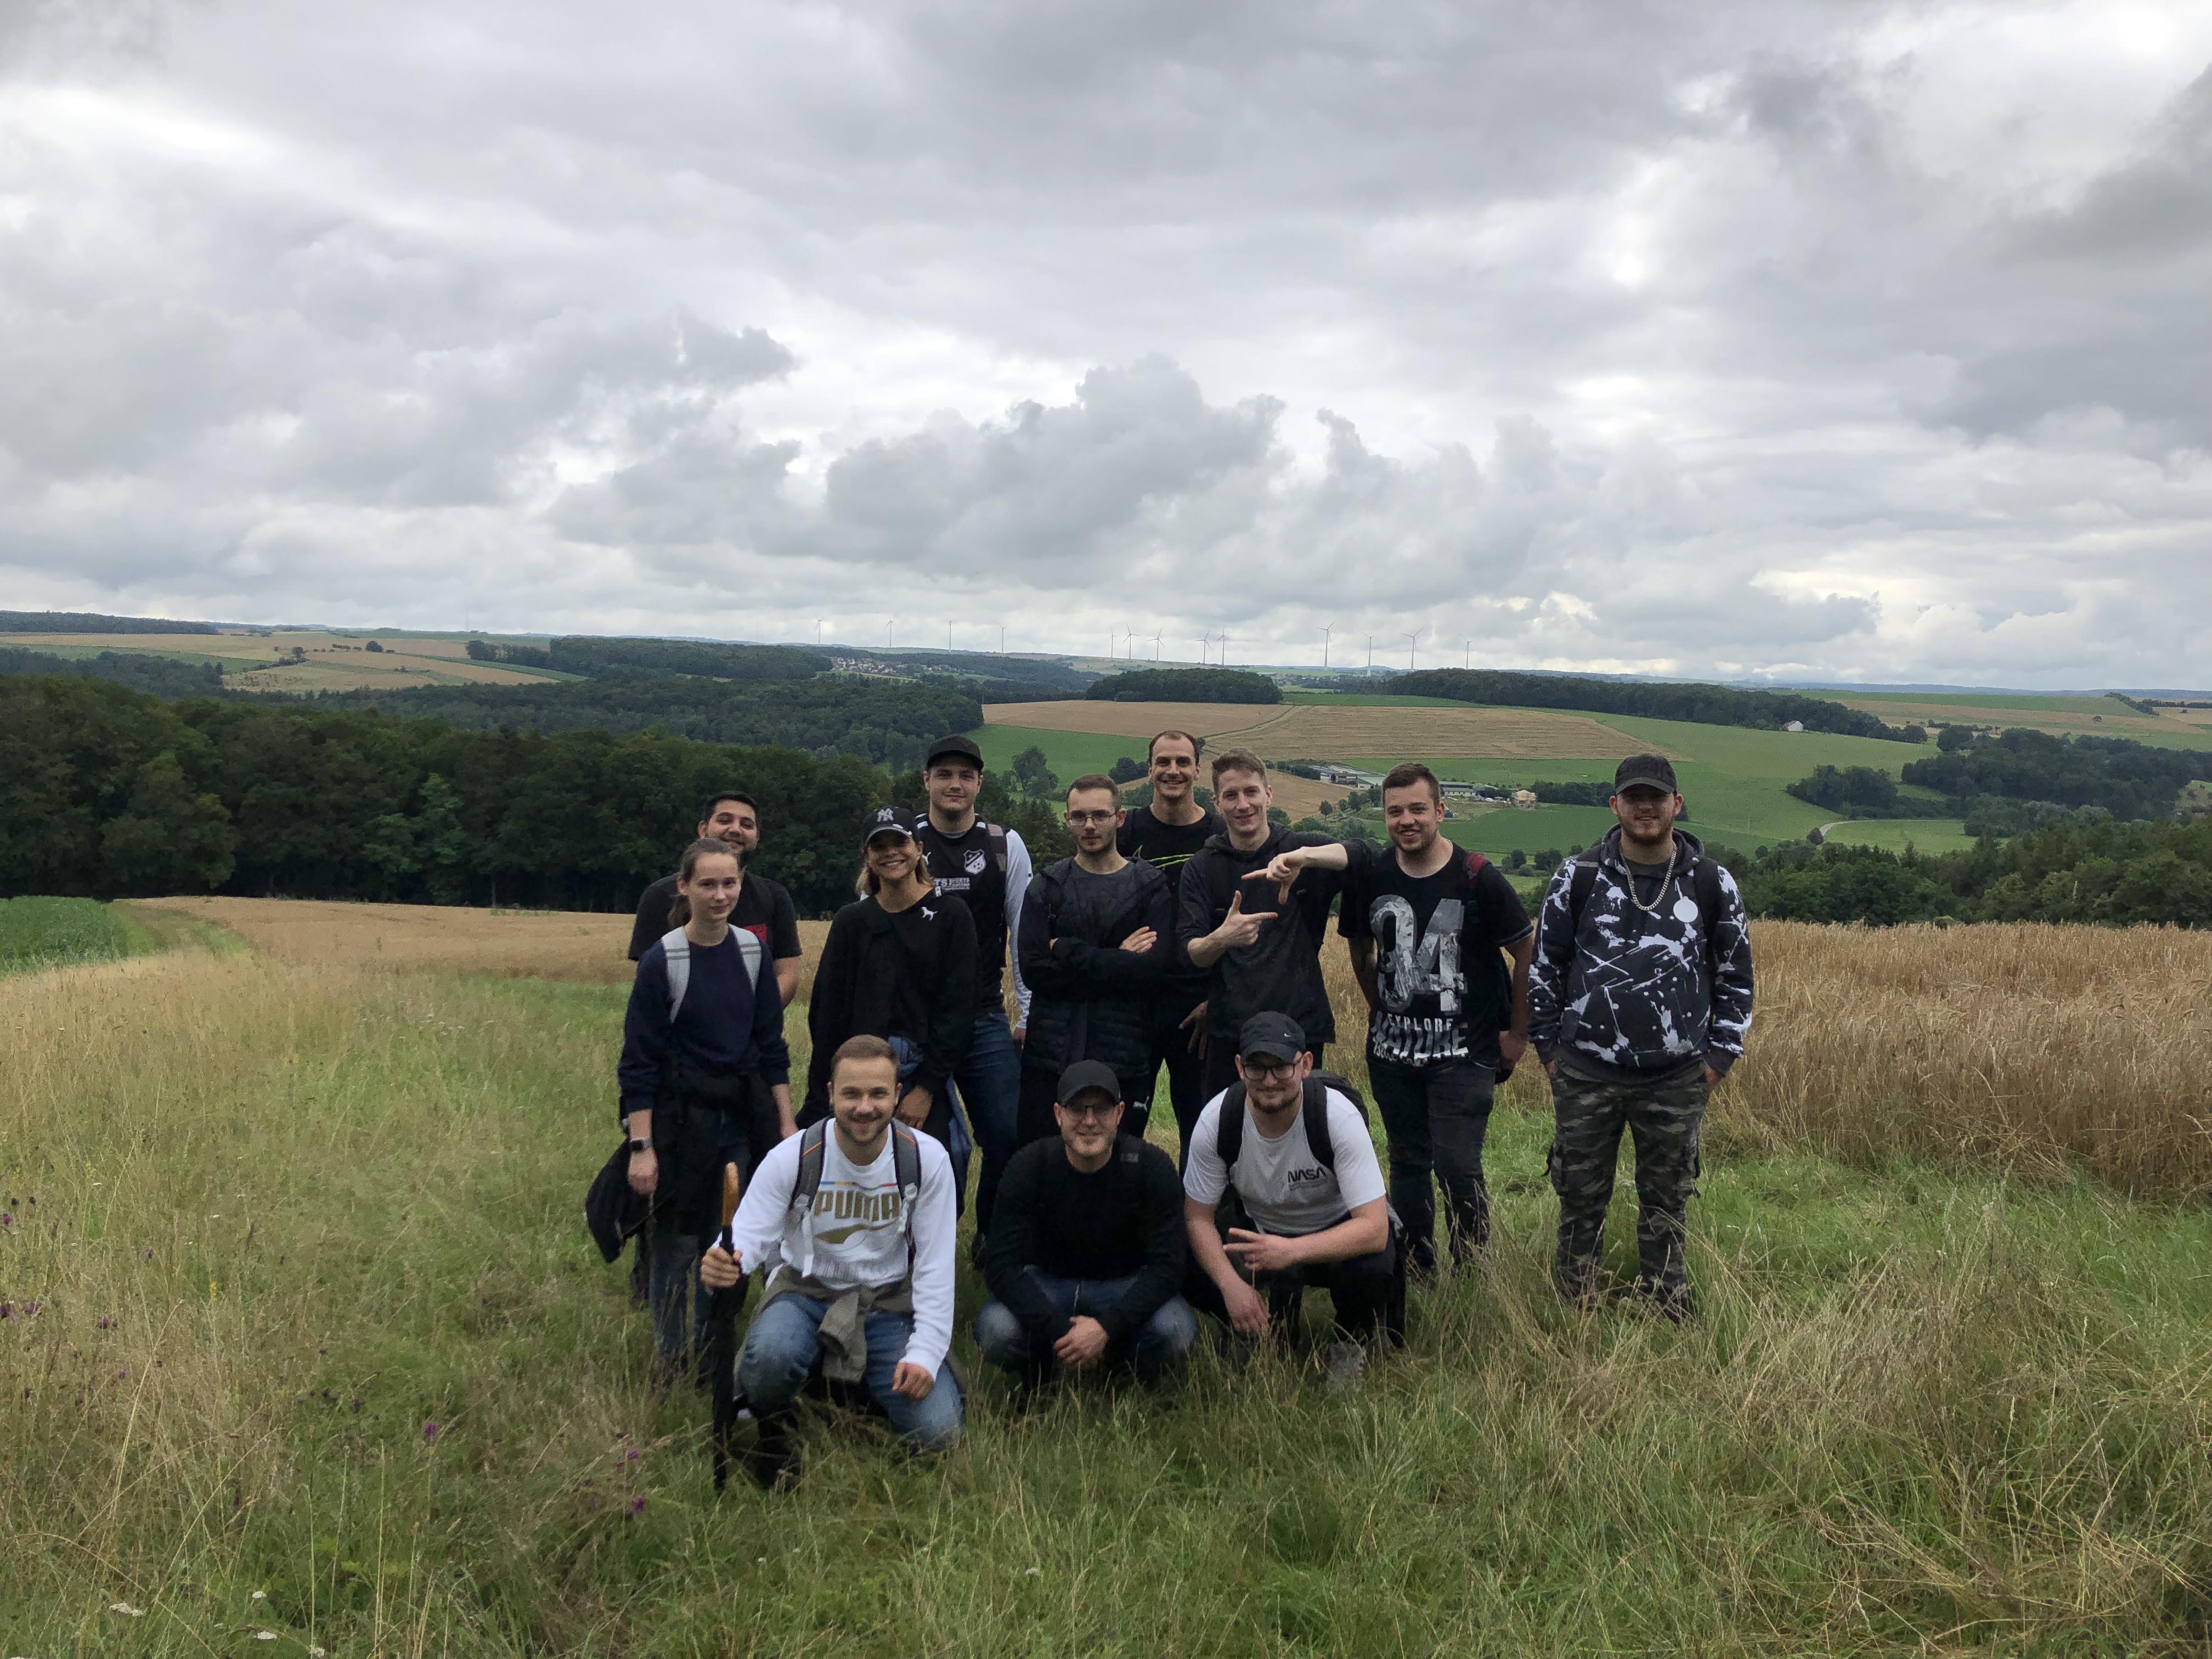 Gruppenbild bei der Schnitzeljagd und Wanderung am zweiten Tag des Teamcamps.